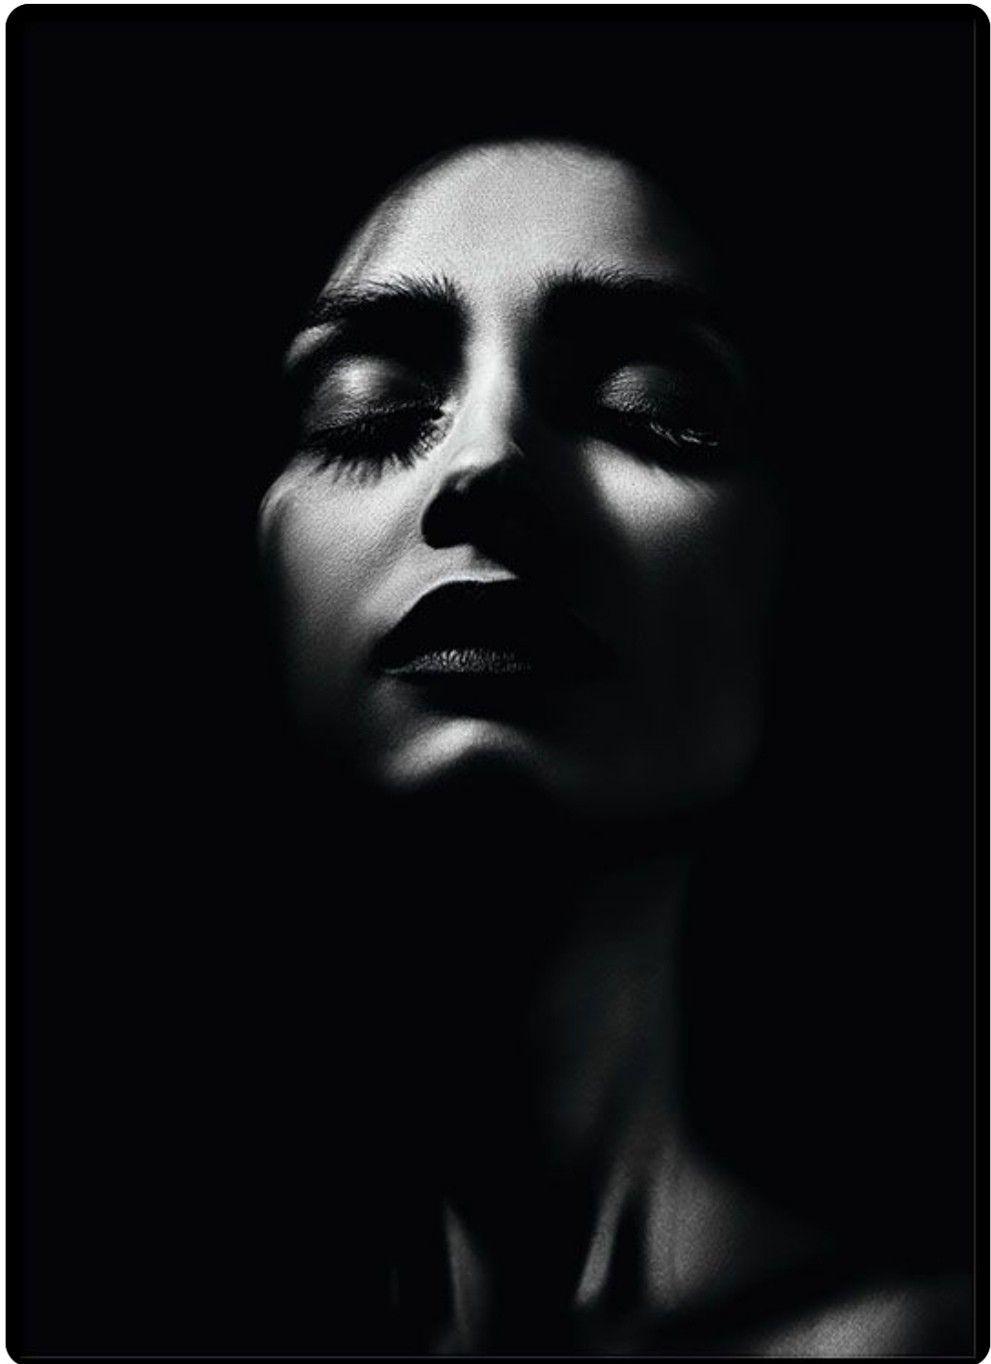 картинки про лица в тени нас можно